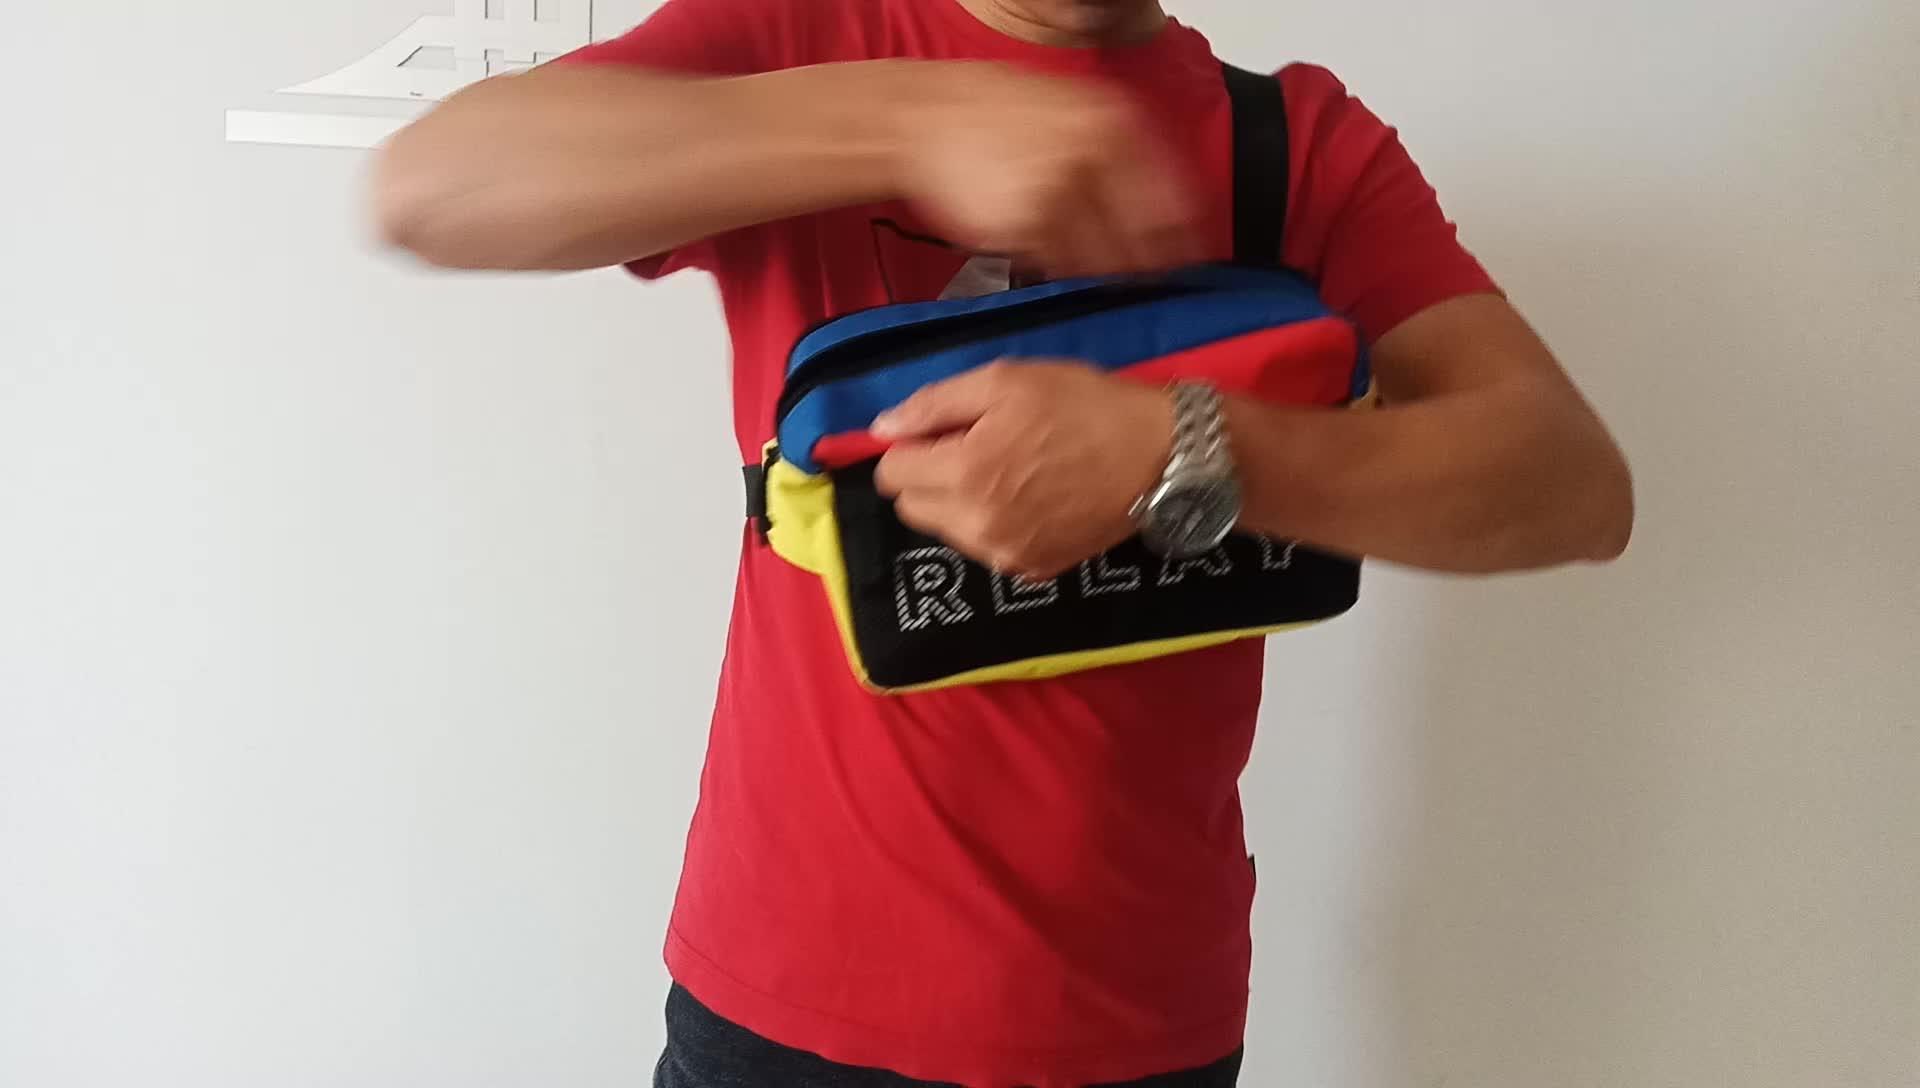 थोक चौकोर आकार आउटडोर खेल कंधे बैग